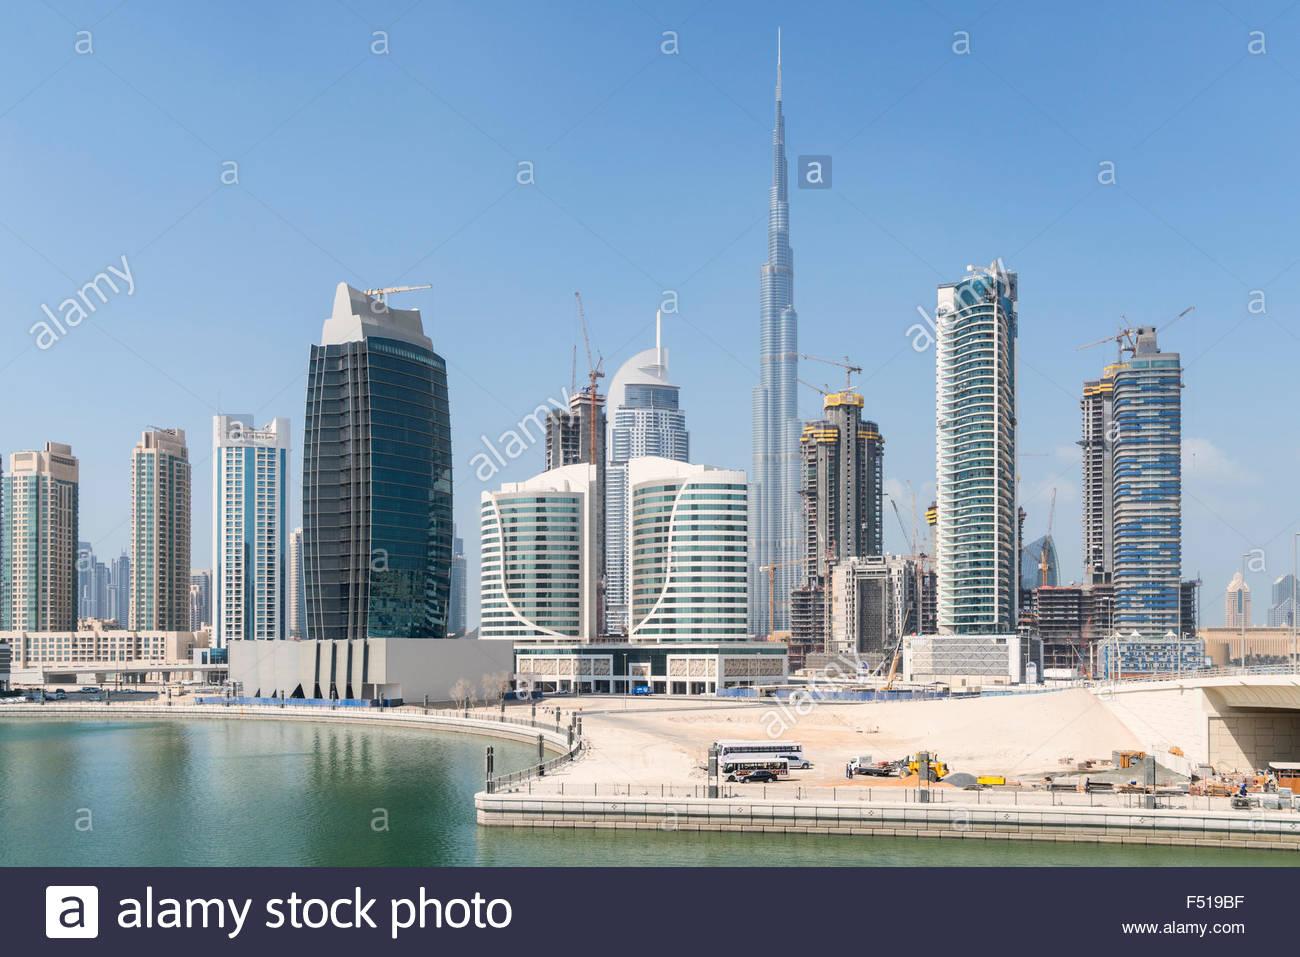 Toits de gratte-ciel à côté du Creek à la baie d'affaires à Dubaï Émirats Photo Stock